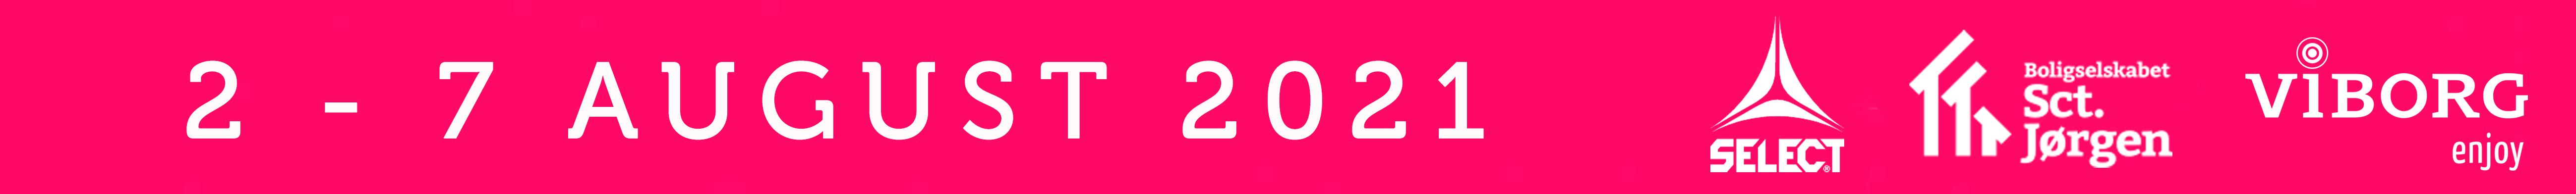 DATO ENGELSK AUG 2021